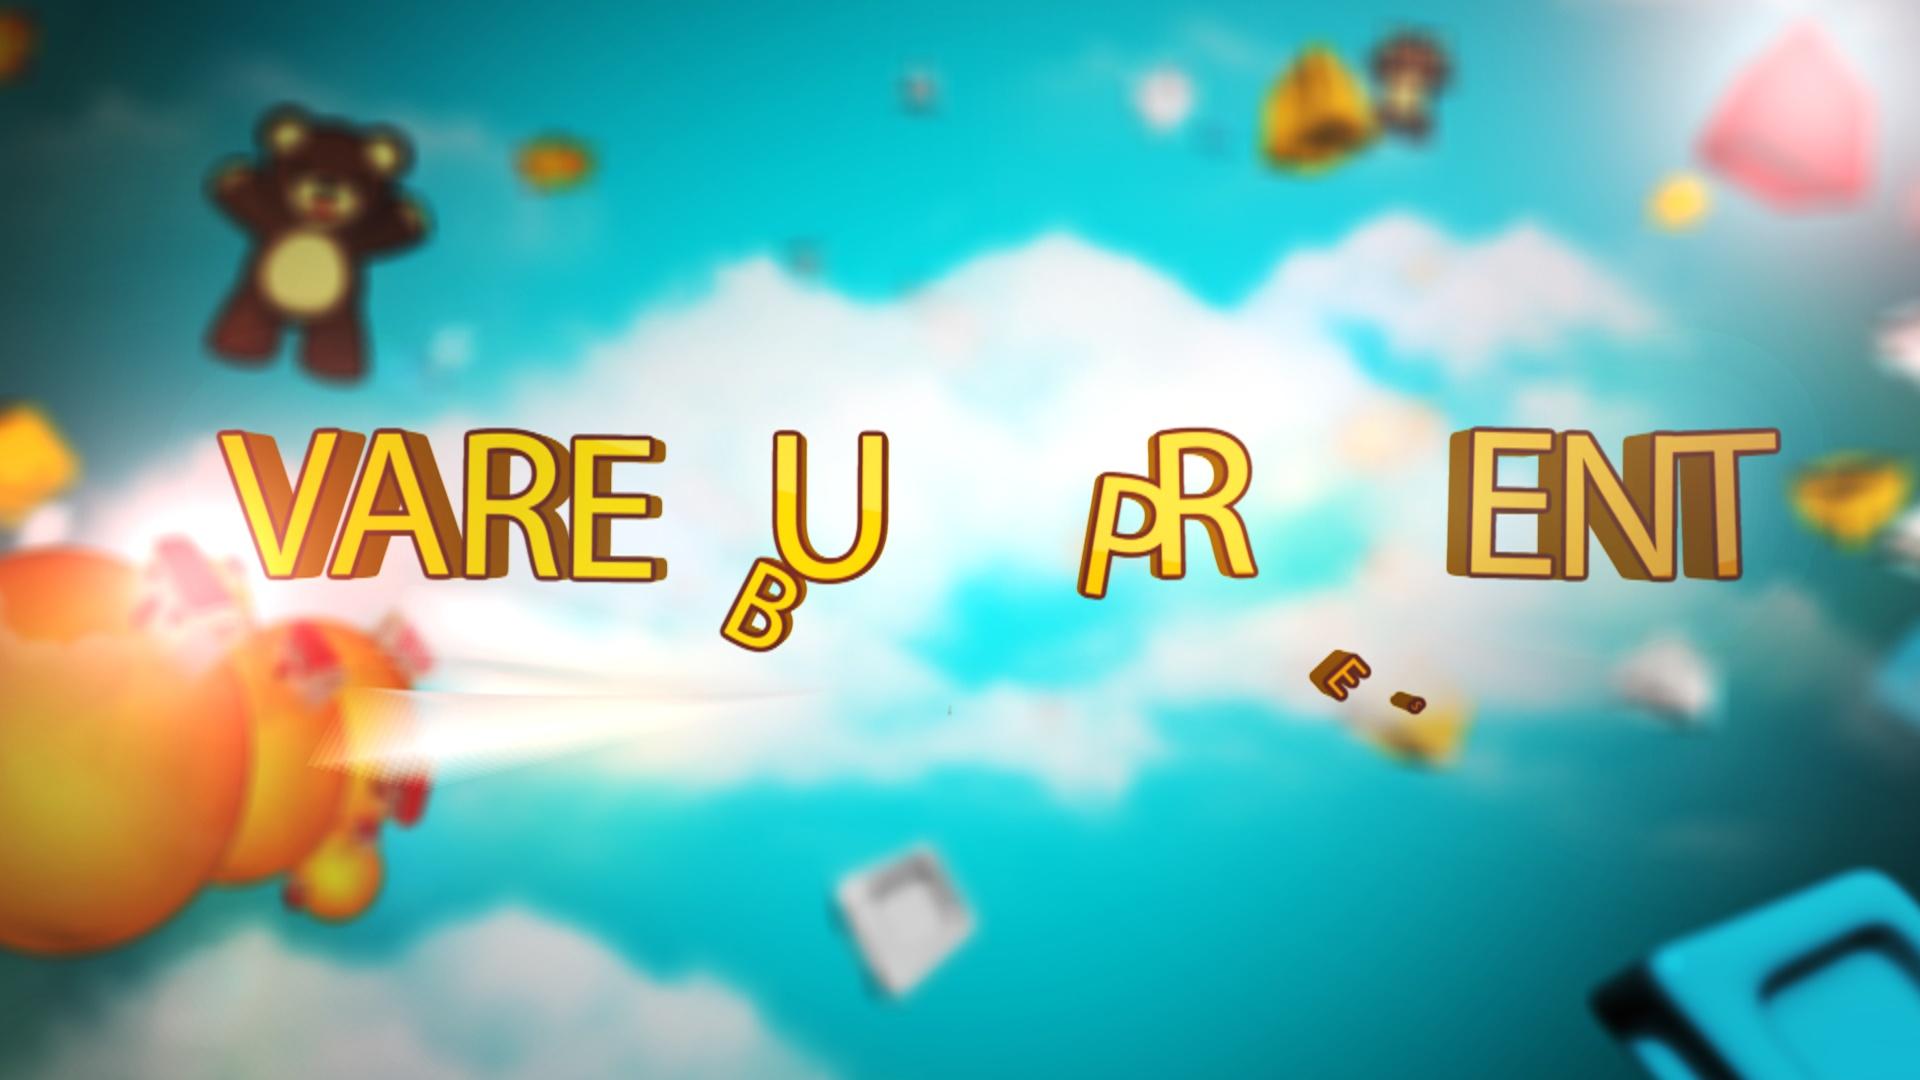 Скачать бесплатно детский шаблон для адоб афтер: http://youtemp.ru/detskiy-proekt-12/